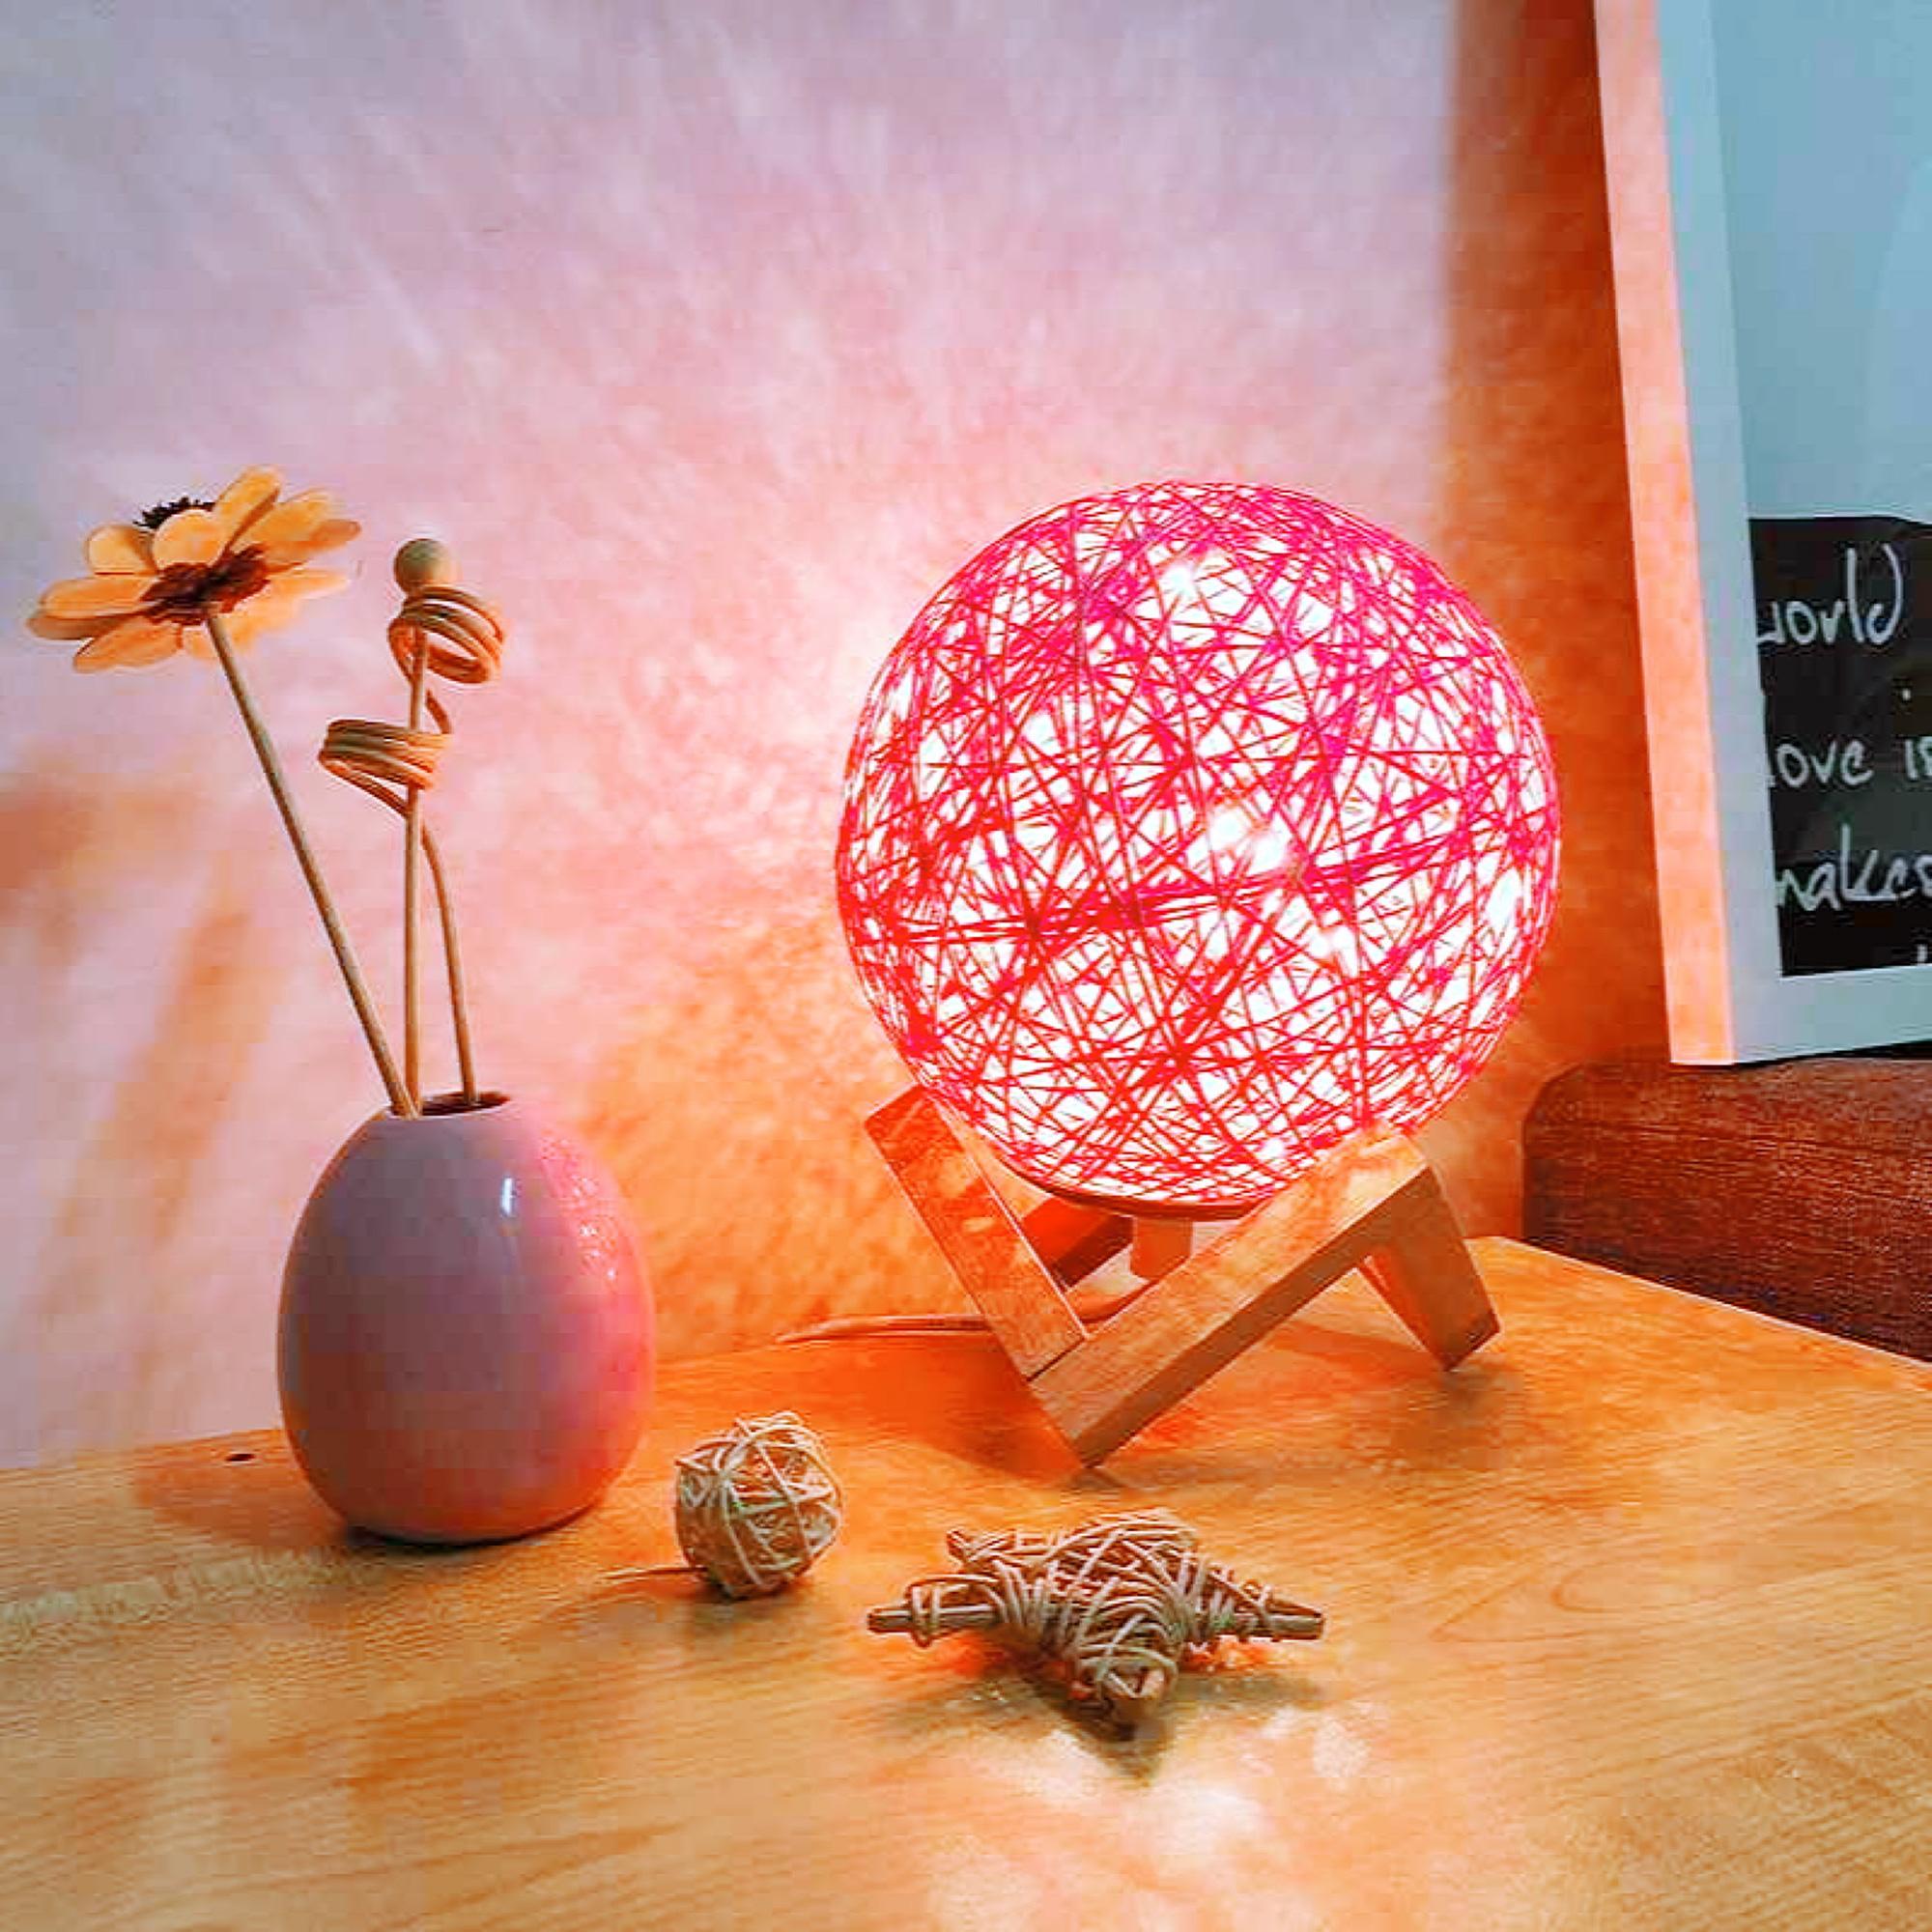 7 món decor max xinh giúp lên đời tổ ấm phòng ngủ cho hội bánh bèo hường phấn rất gì và này nọ - Ảnh 7.